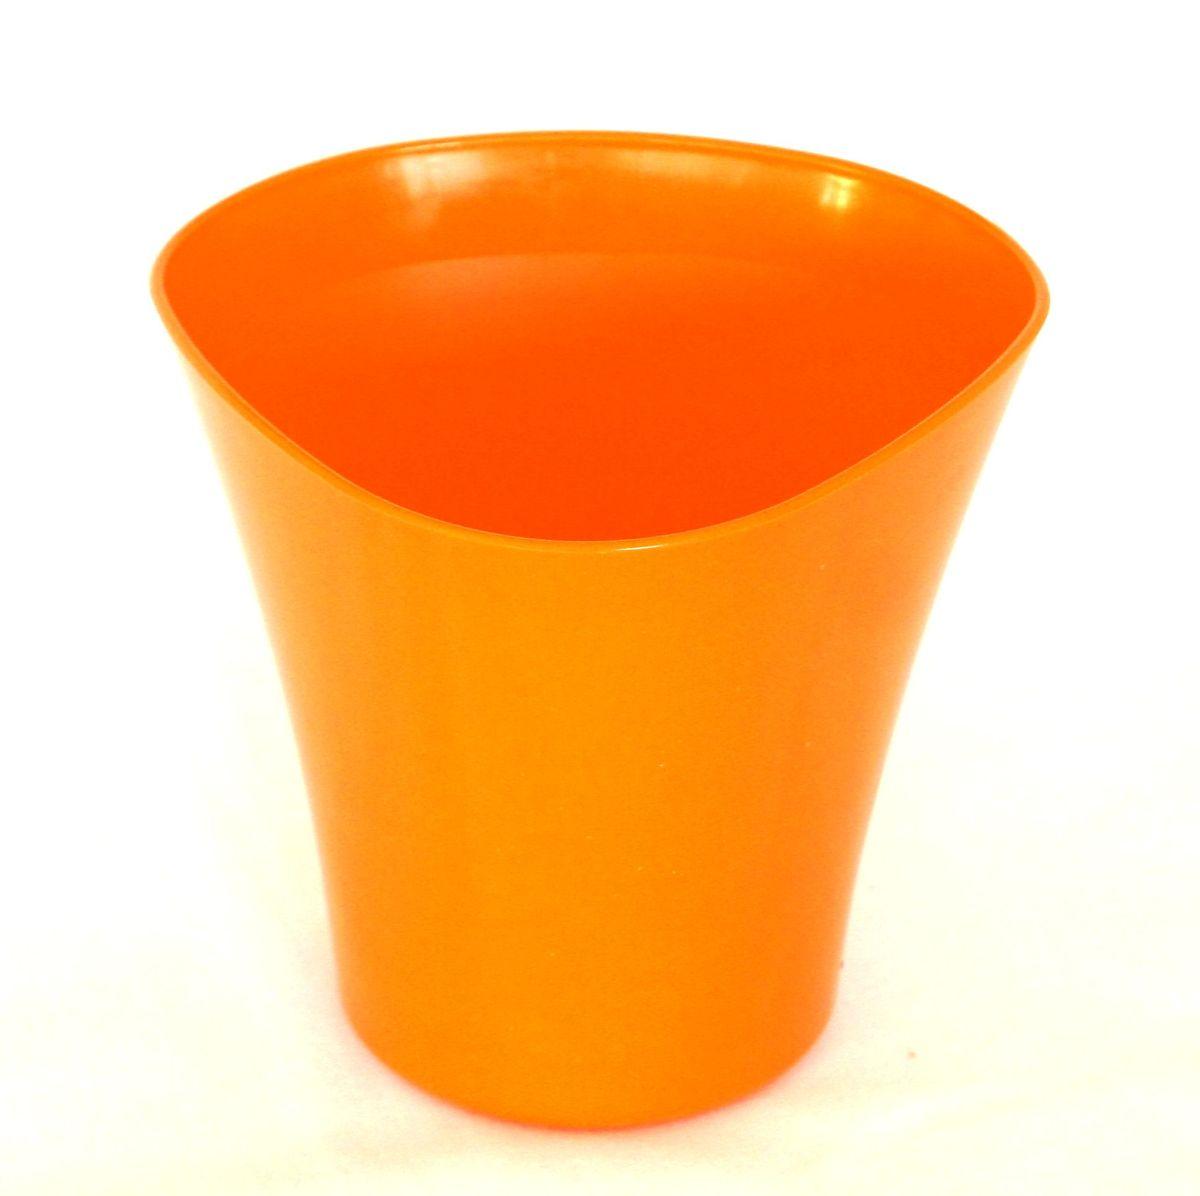 Кашпо JetPlast Волна, цвет: оранжевый, 3 л4612754050598Кашпо Волна имеет уникальную форму, сочетающуюся как с классическим, так и с современным дизайном интерьера. Разнообразие цветов дает возможность подобрать кашпо именно под ваш стиль.